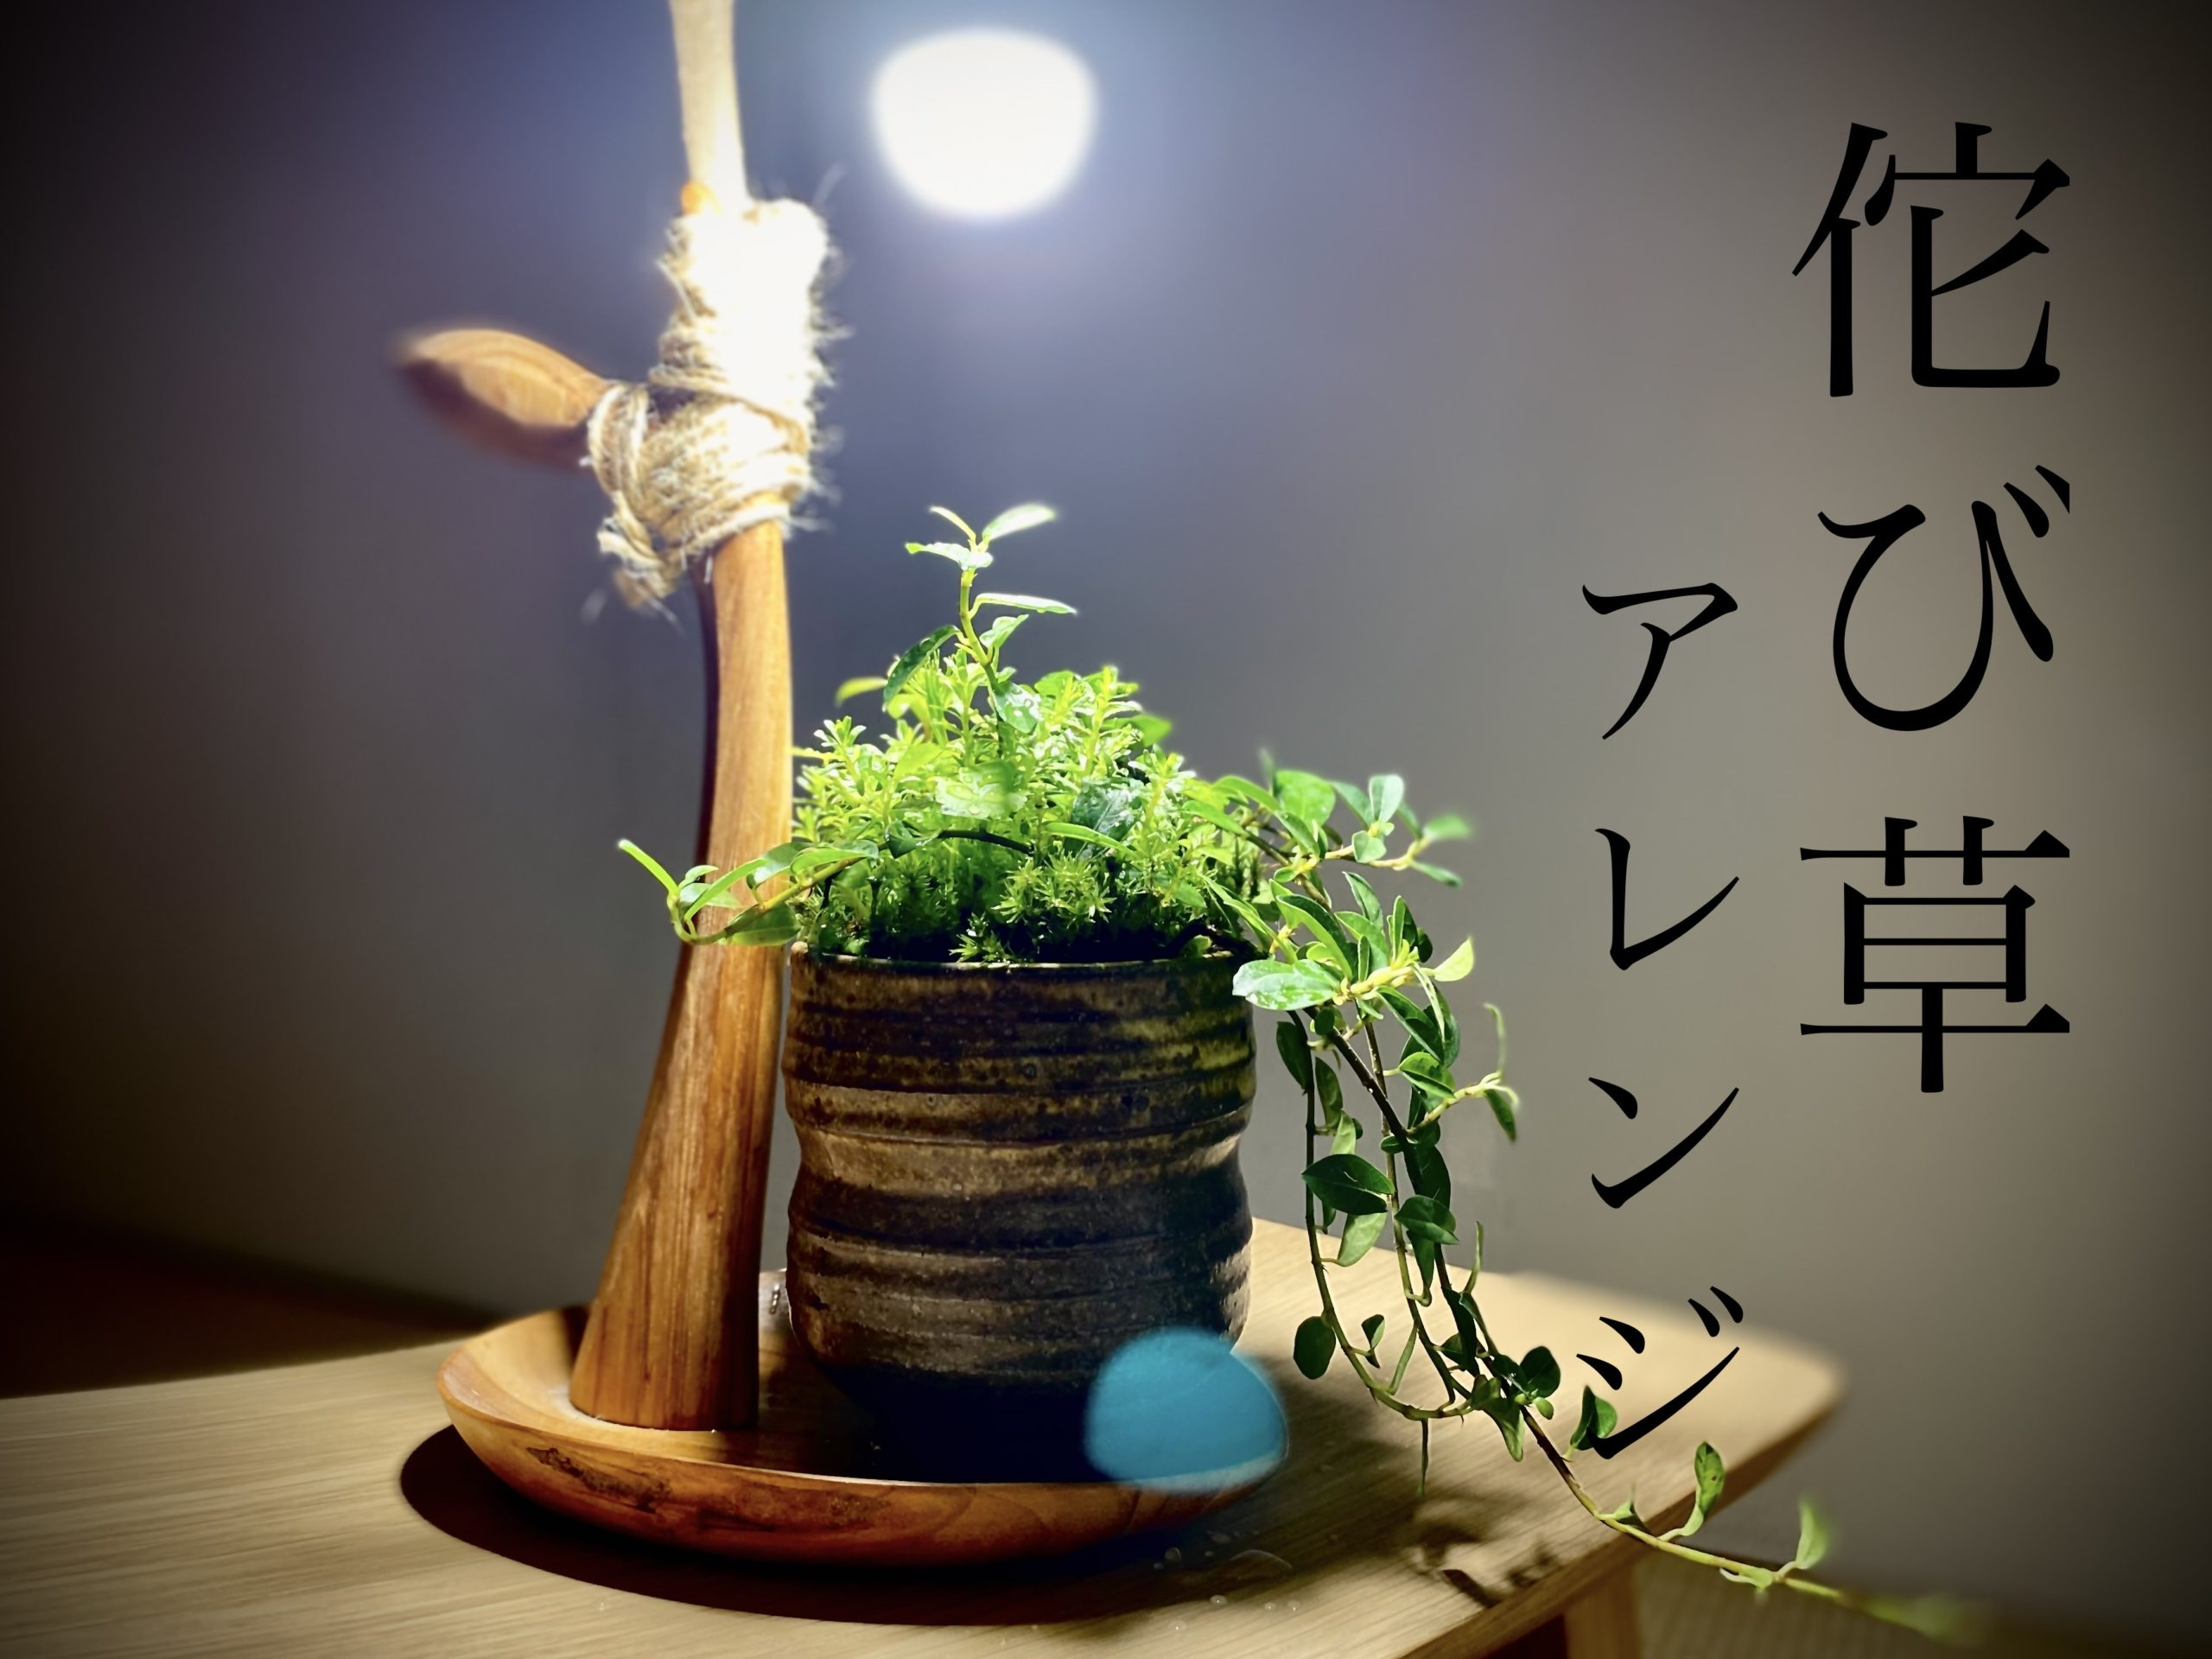 バーチャルギャラリー No.2 侘び草 水上葉アレンジメント